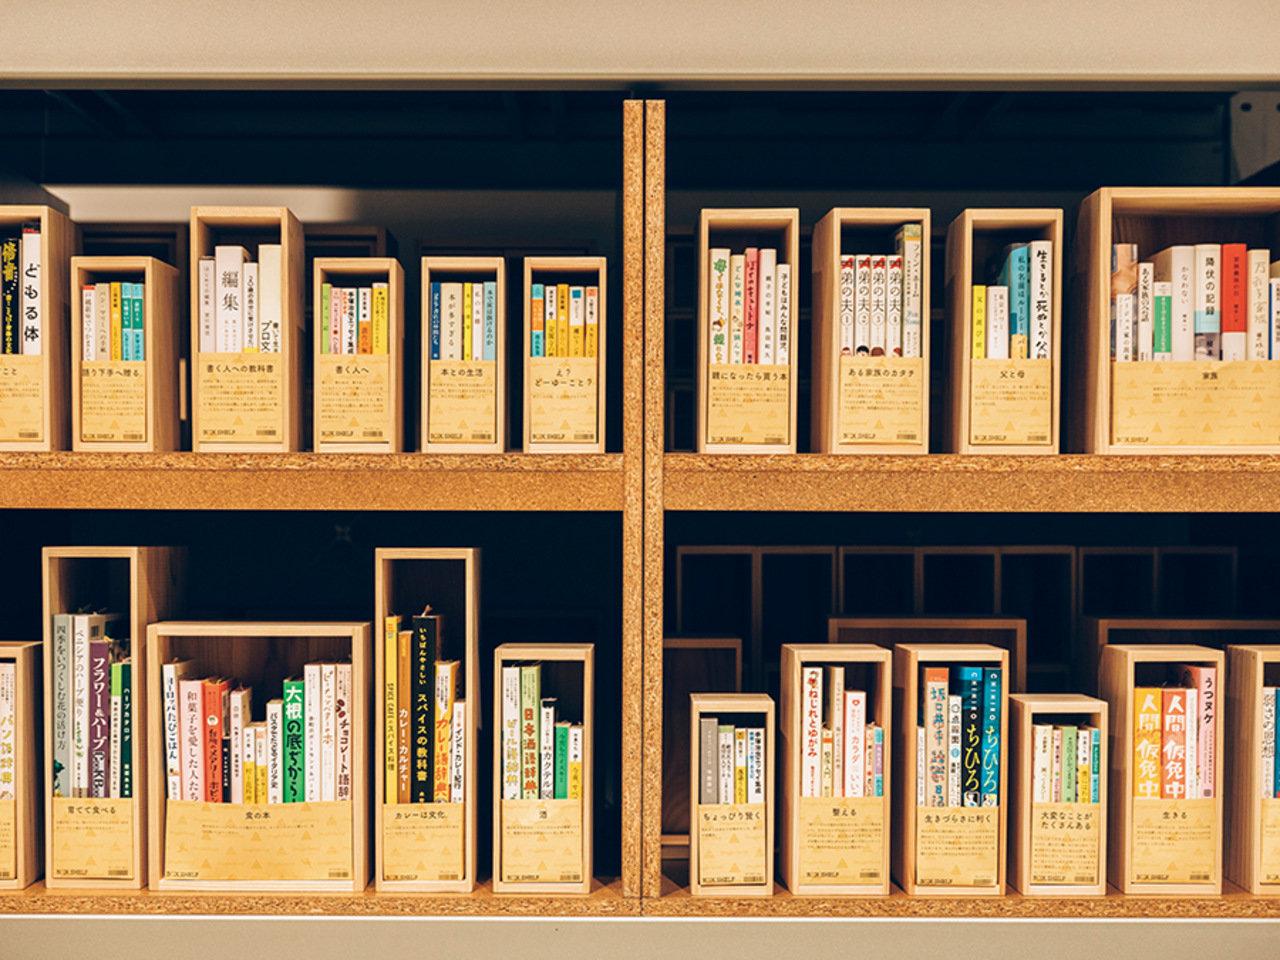 暮らしに本のある風景を。『ハミングバード・ブックシェルフ』の本棚たち。